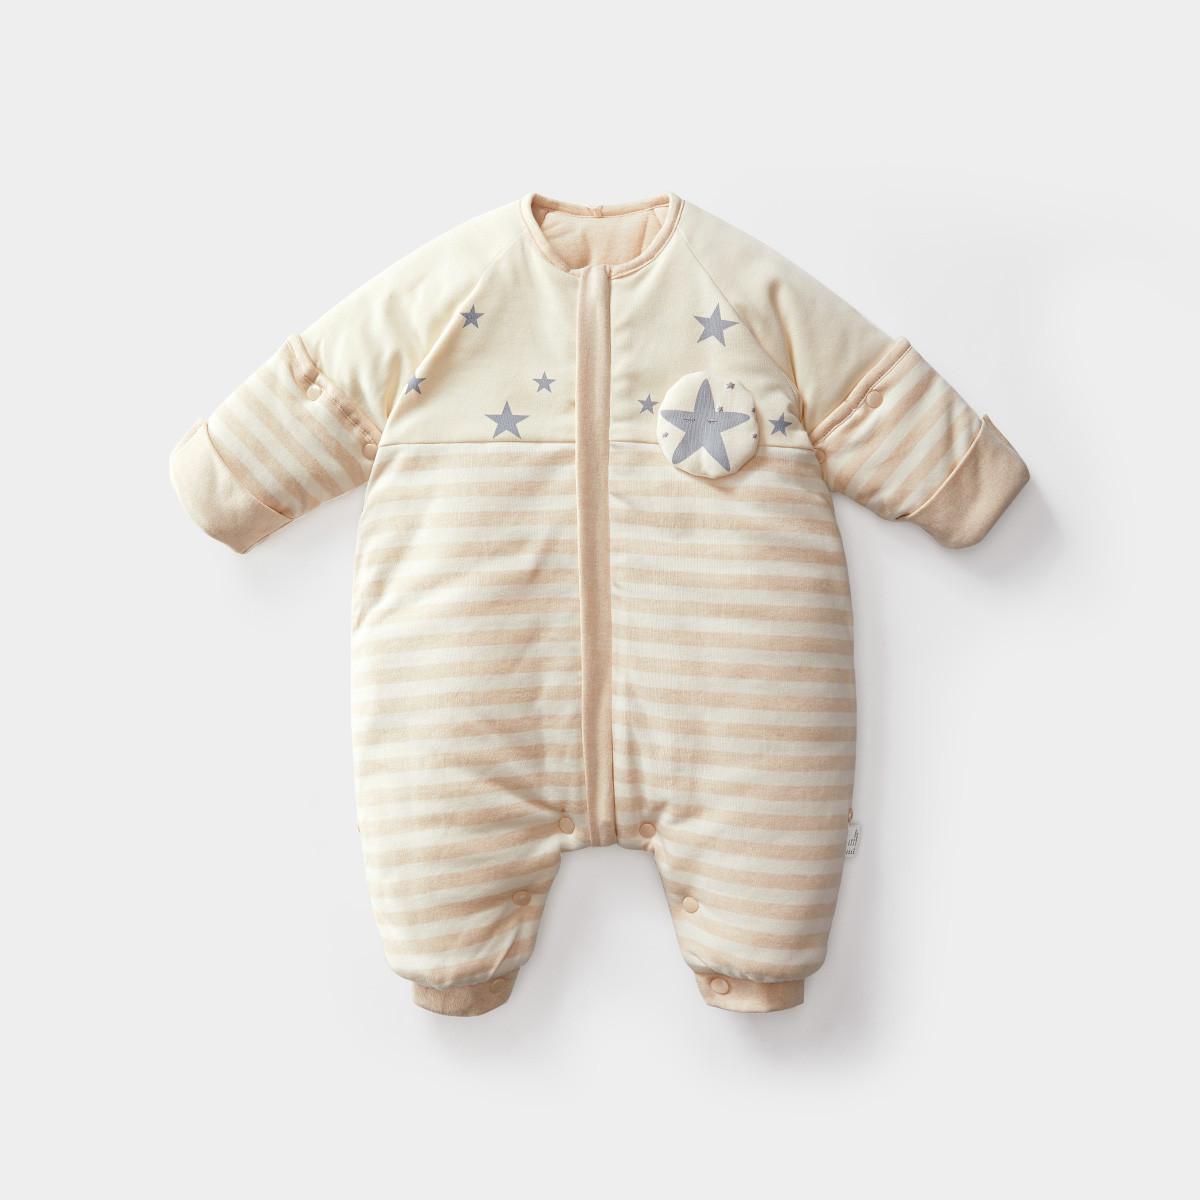 Wilberu Túi ngủ trẻ em mùa thu và mùa đông vải cotton dày màu bông có thể cởi ra một nửa tay cho trẻ